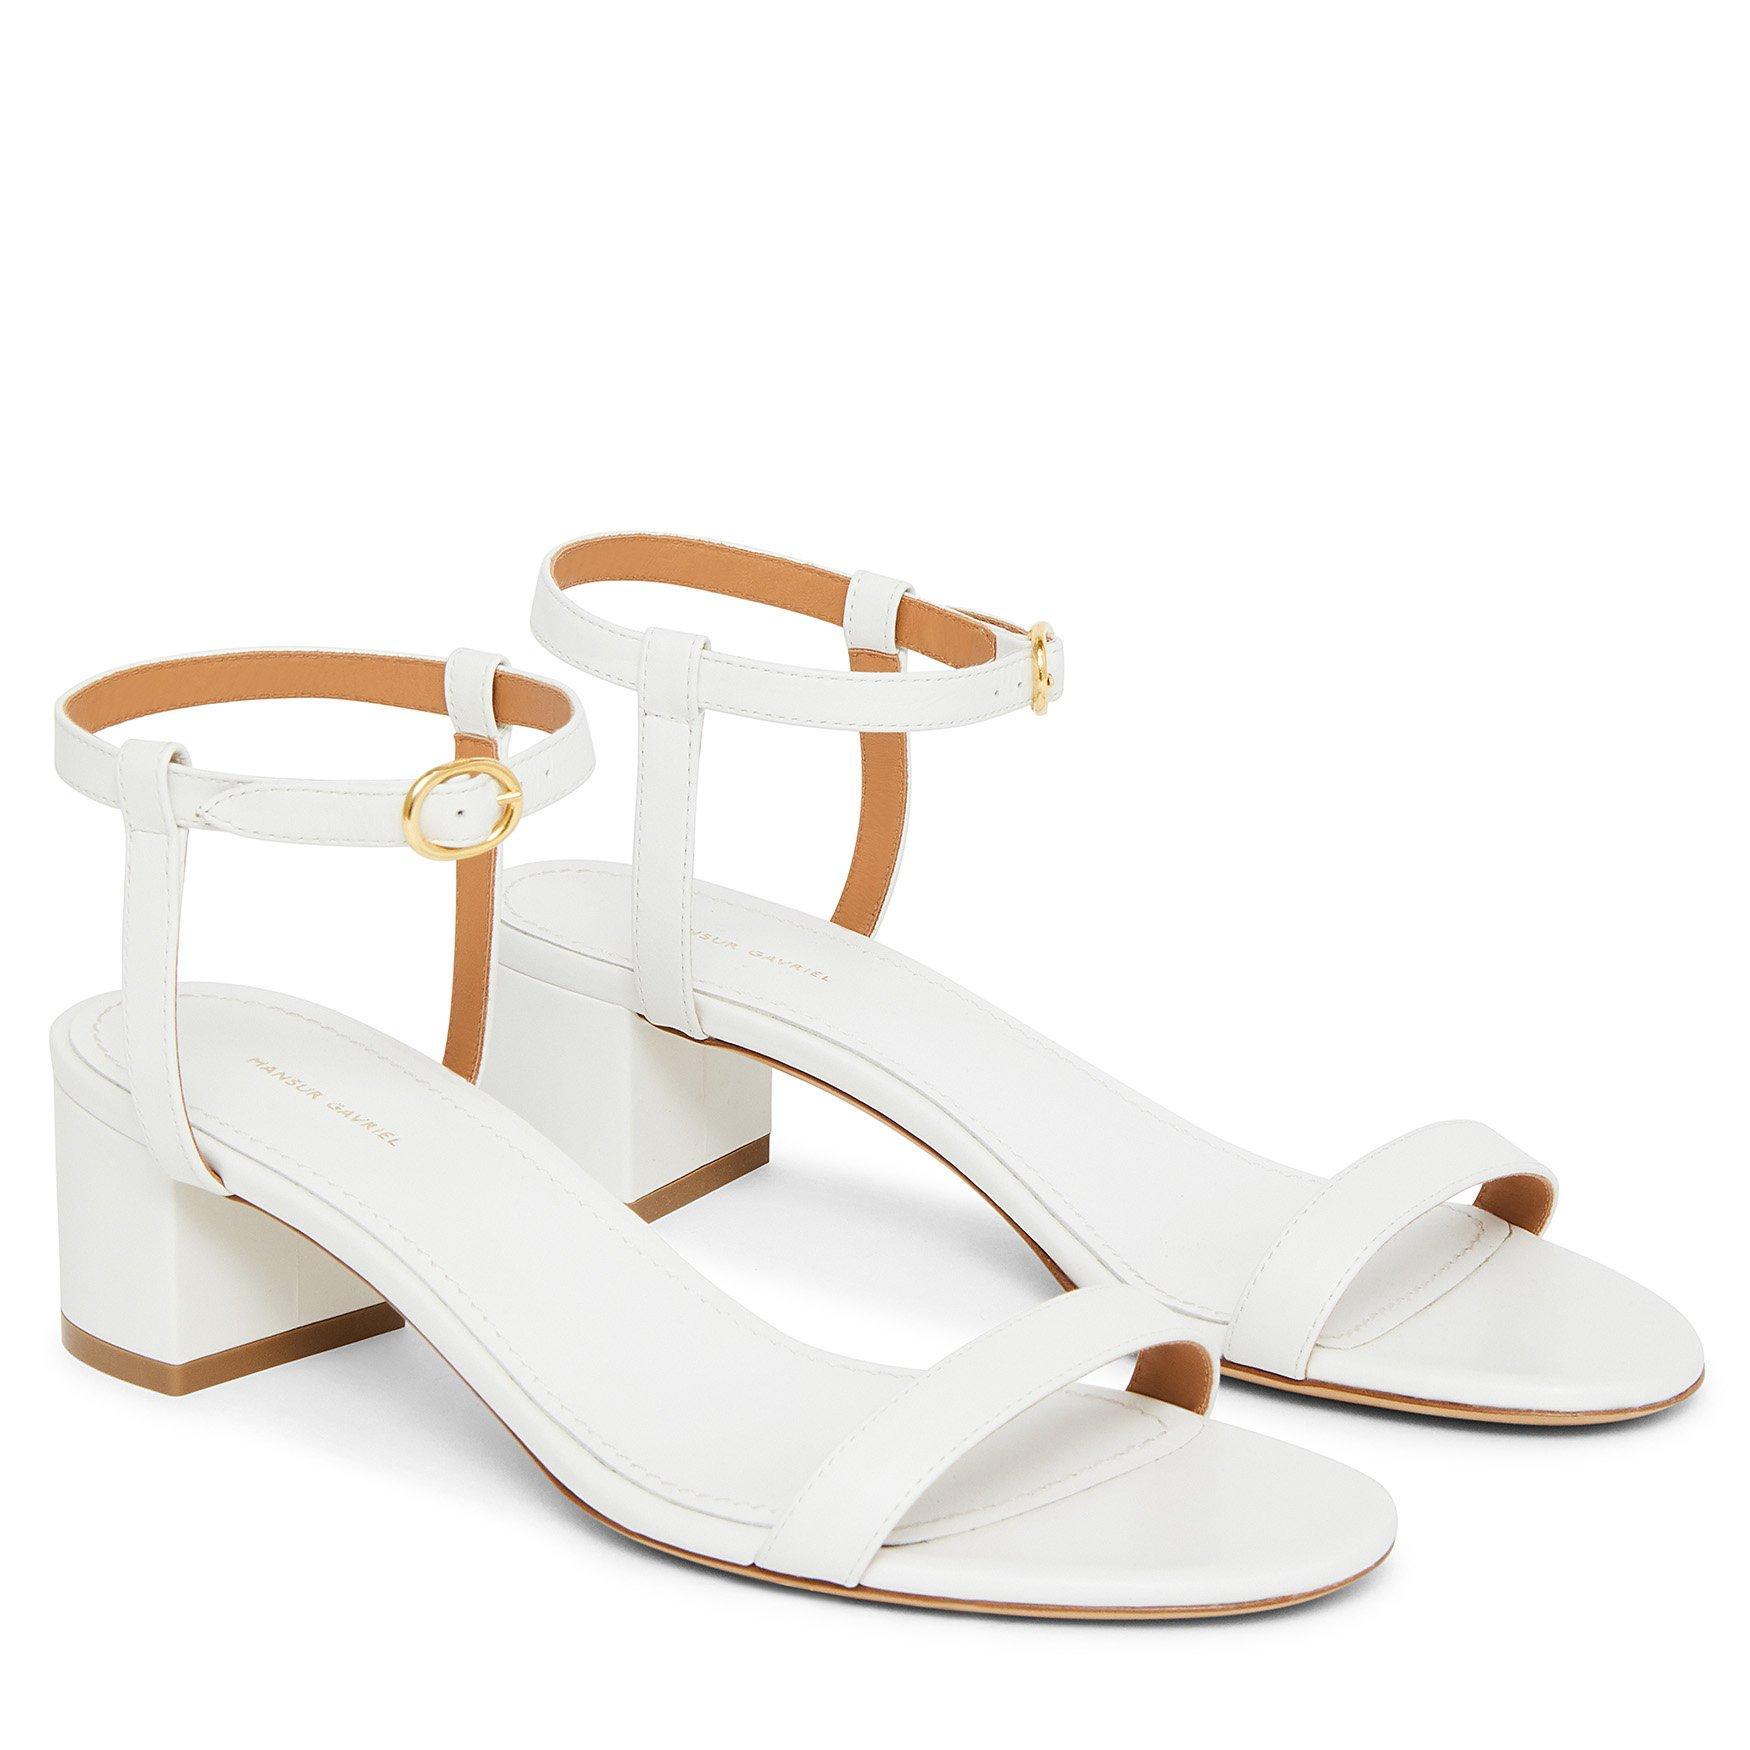 576db1f68c3f Mansur Gavriel - Lamb Ankle Strap Sandal - White - Lyst. View fullscreen